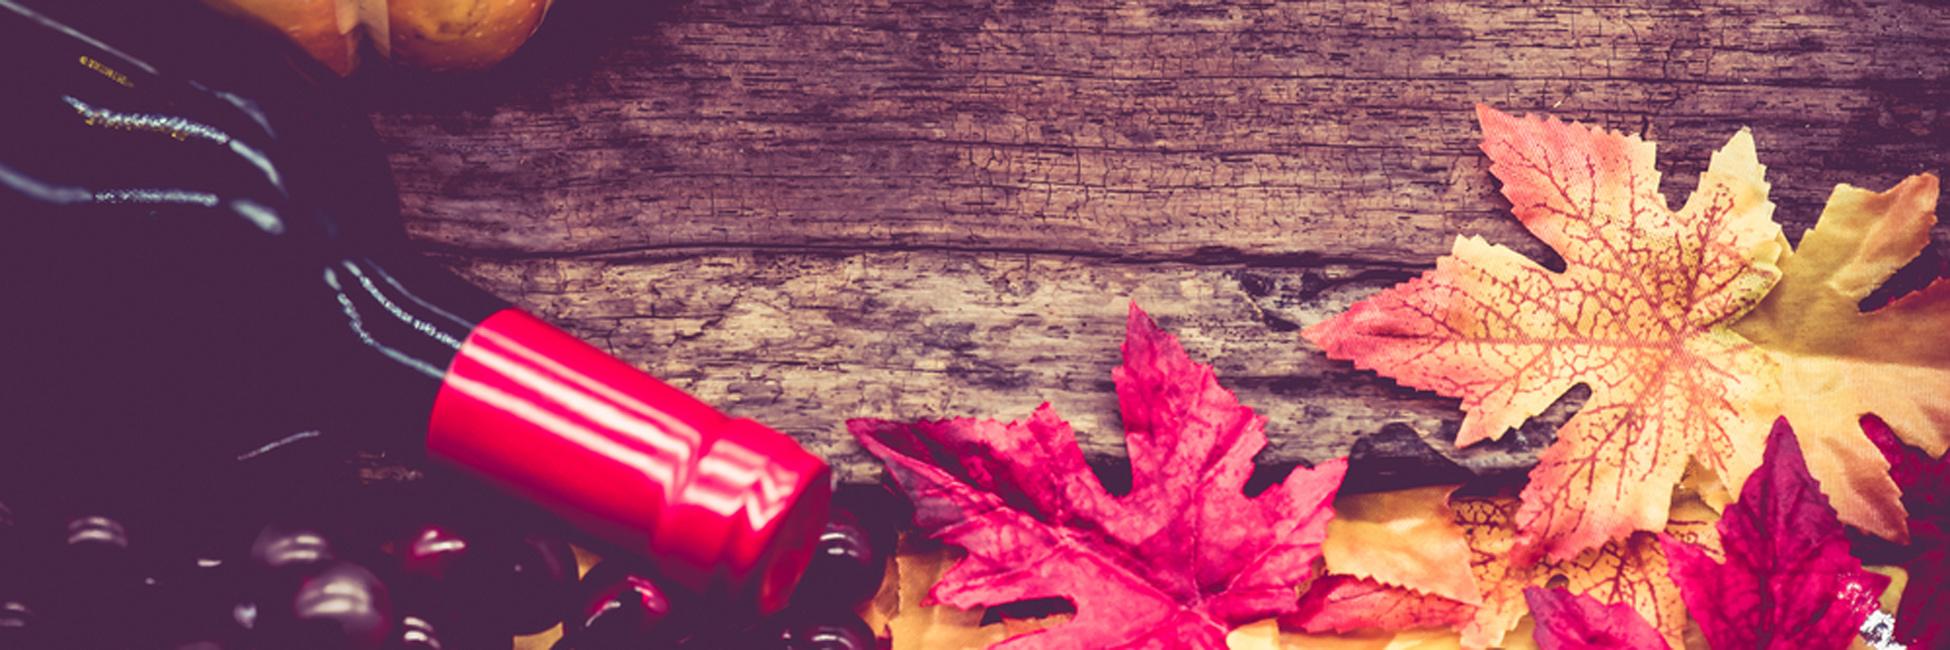 Rotwein in herbtlichem Ambiente